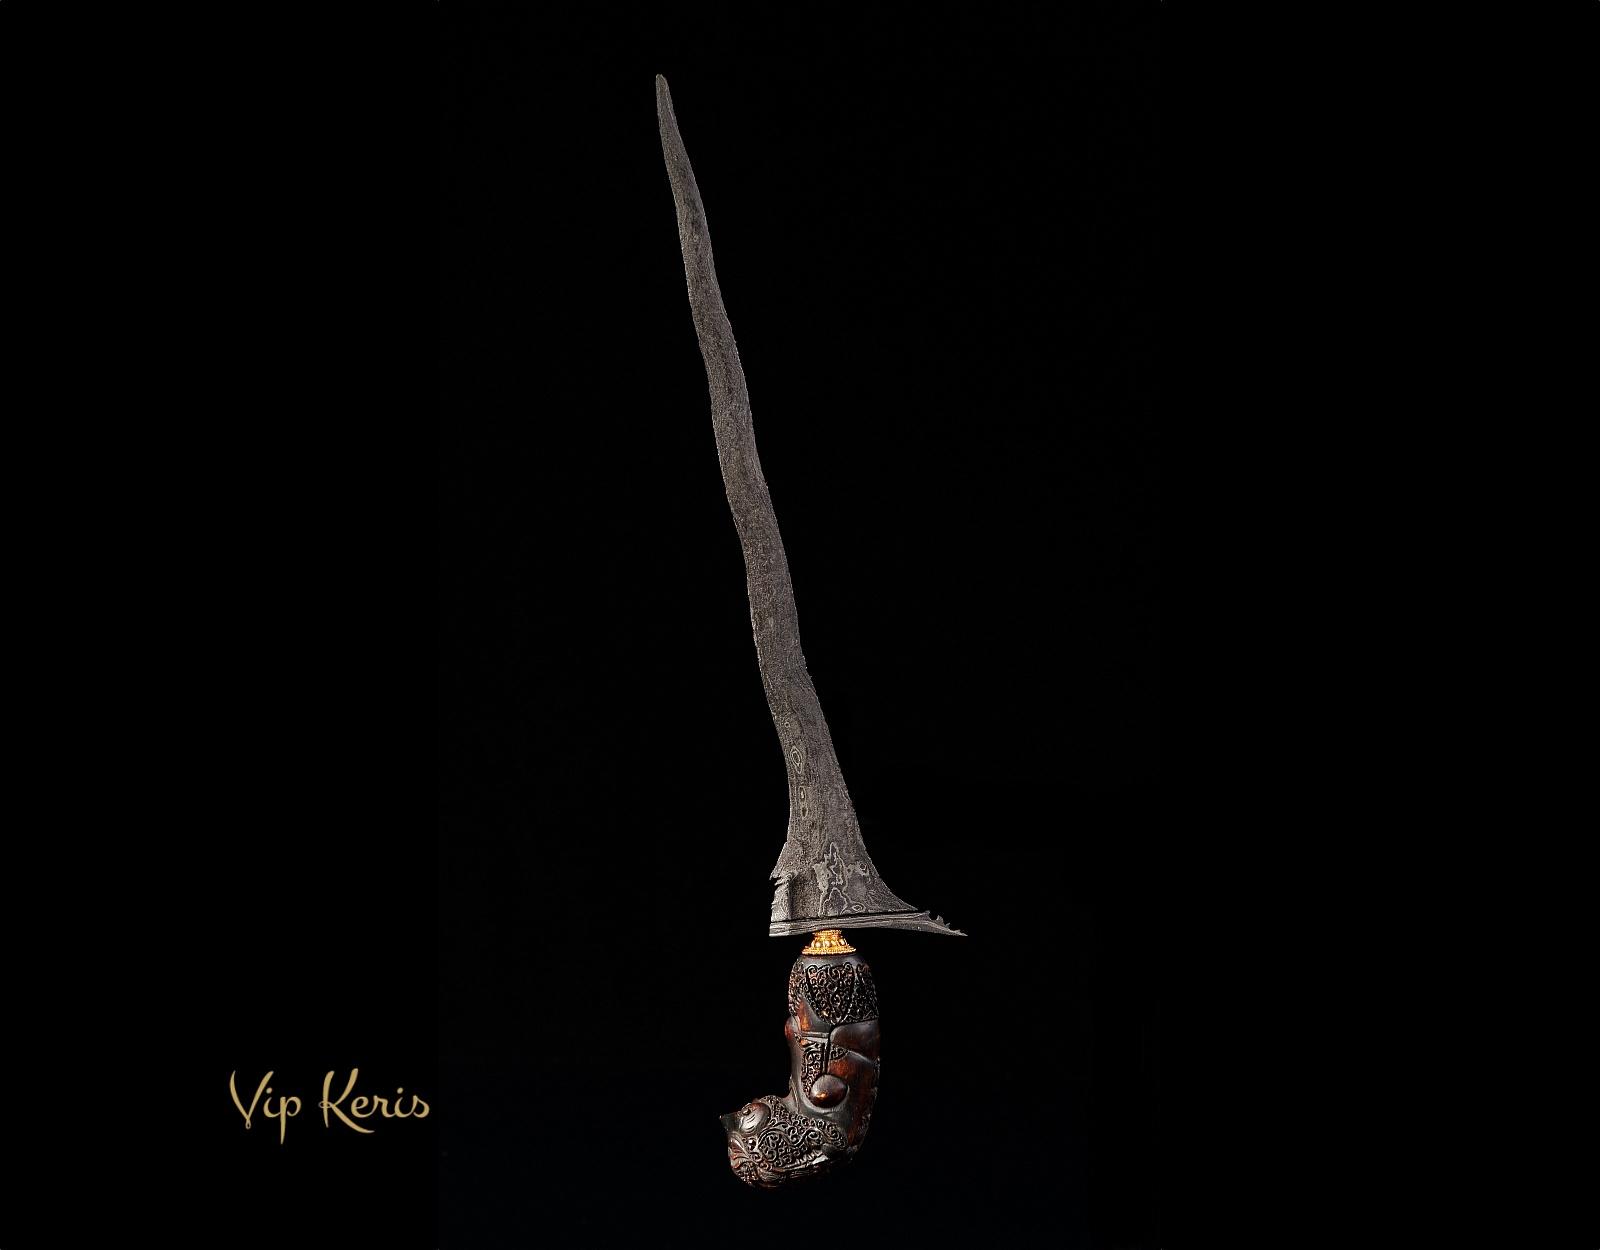 Кинжал Крис Sempono, 9 аркан. фото VipKeris